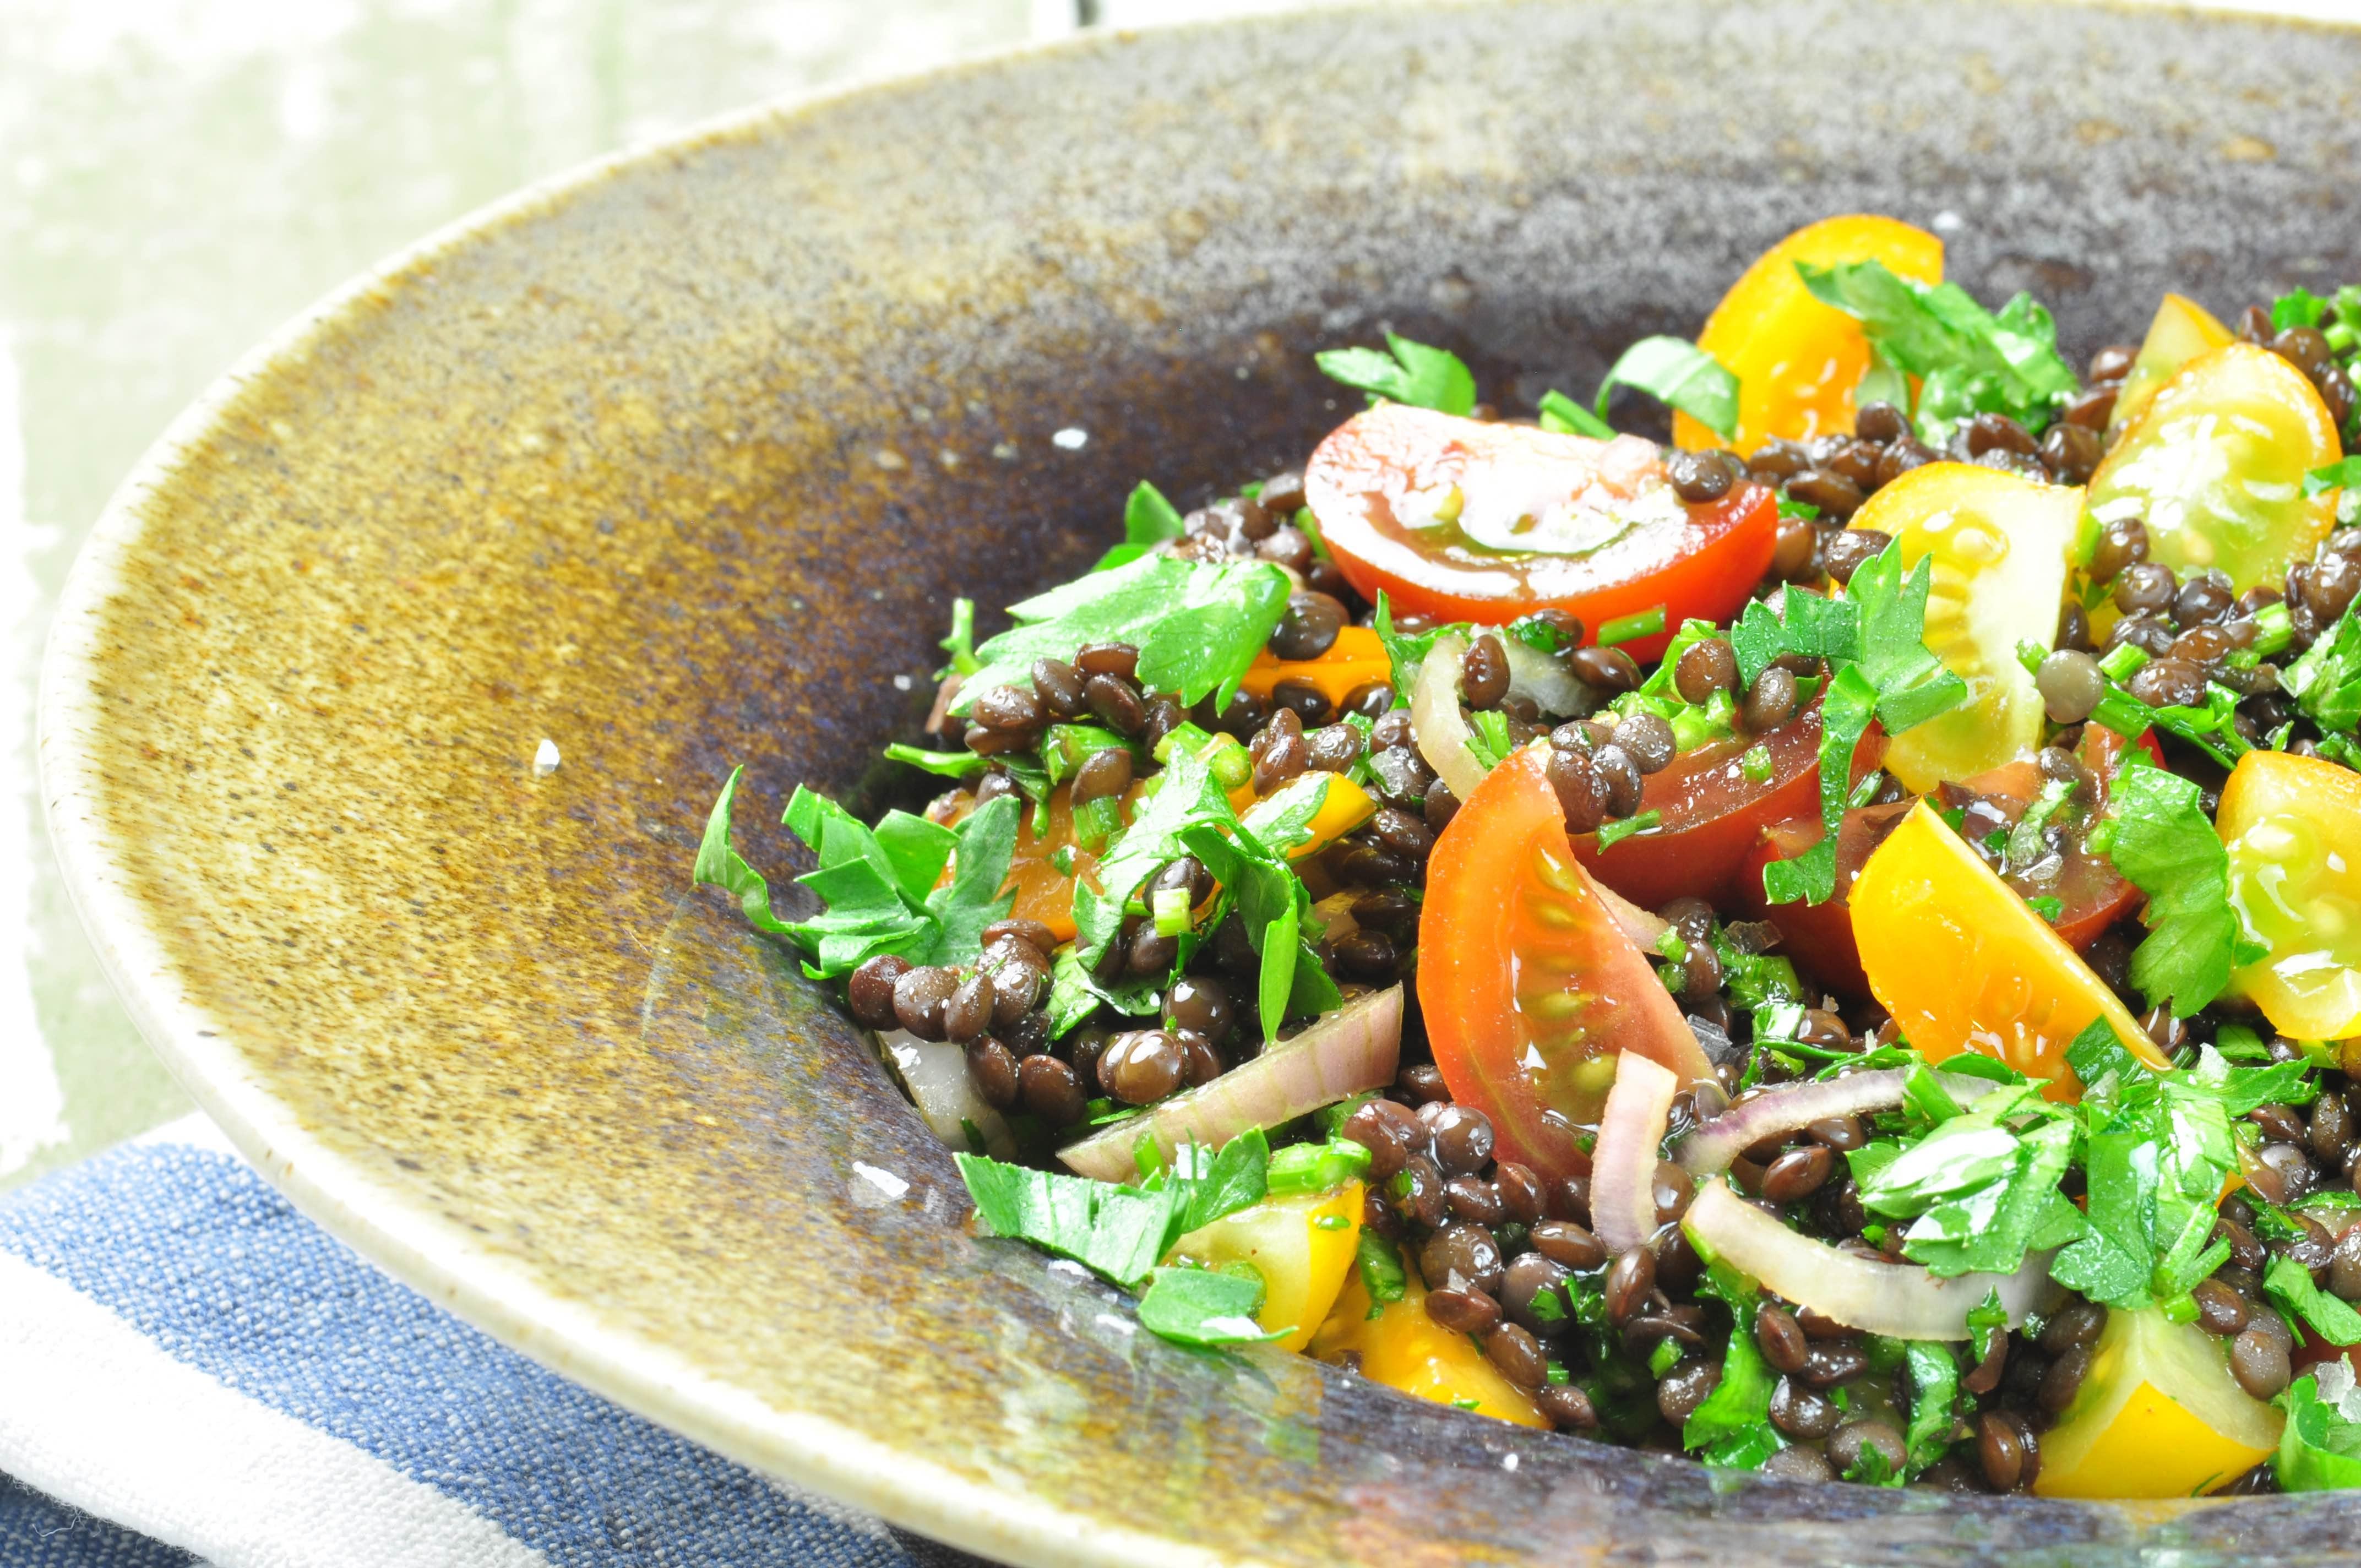 Beluga_lentil_salad_closeup_2